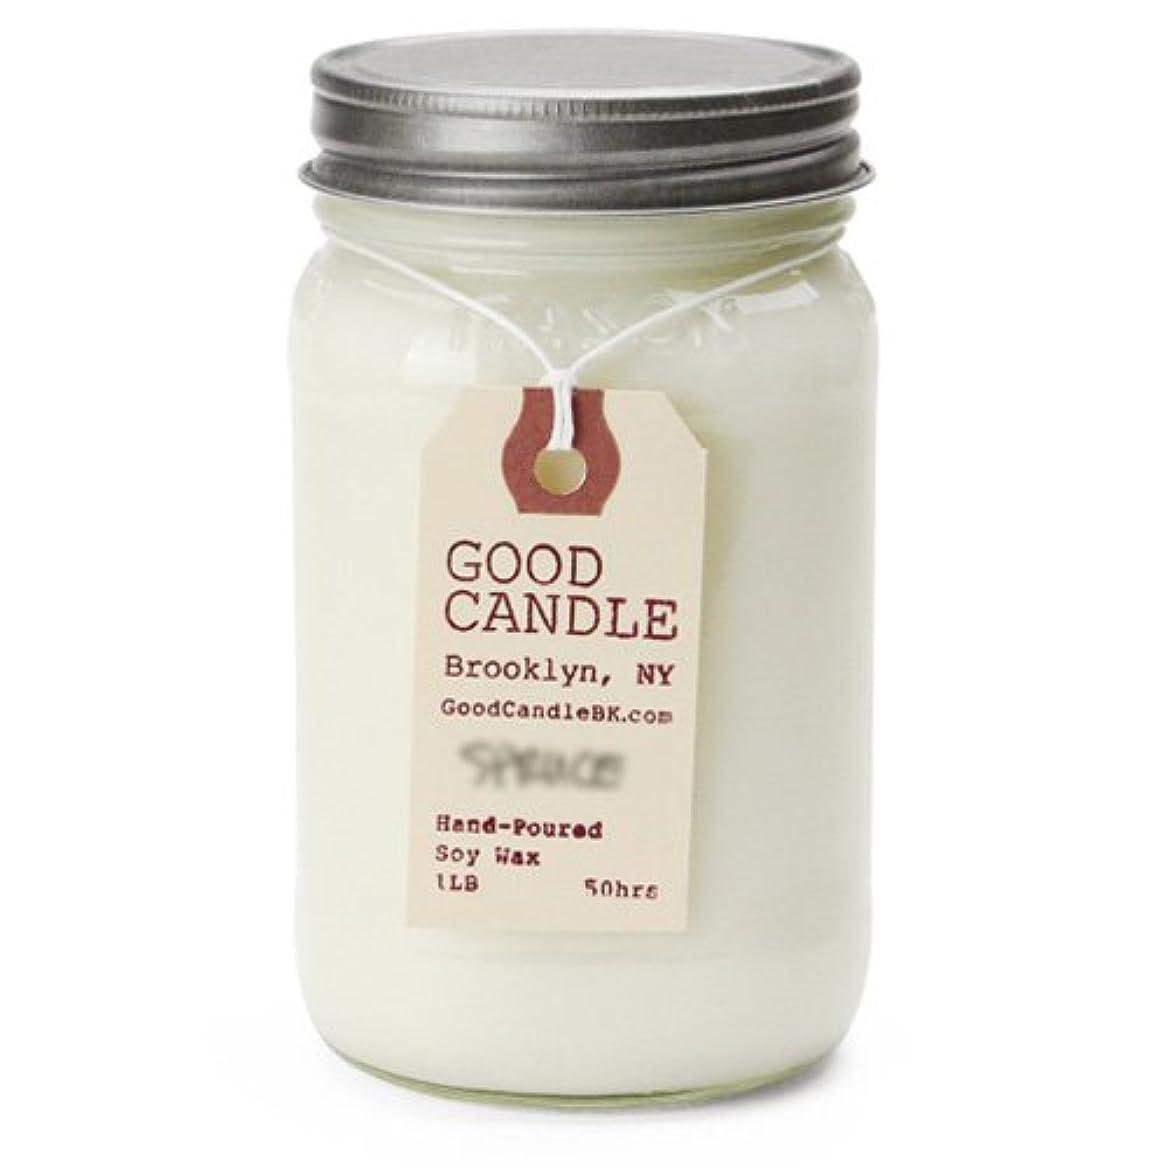 ミシン目シニス兵隊グッドキャンドル 1ポンド メイソンジャー キャンドル Good Candle 1LB Mason jar candle [ Basil ] 正規品